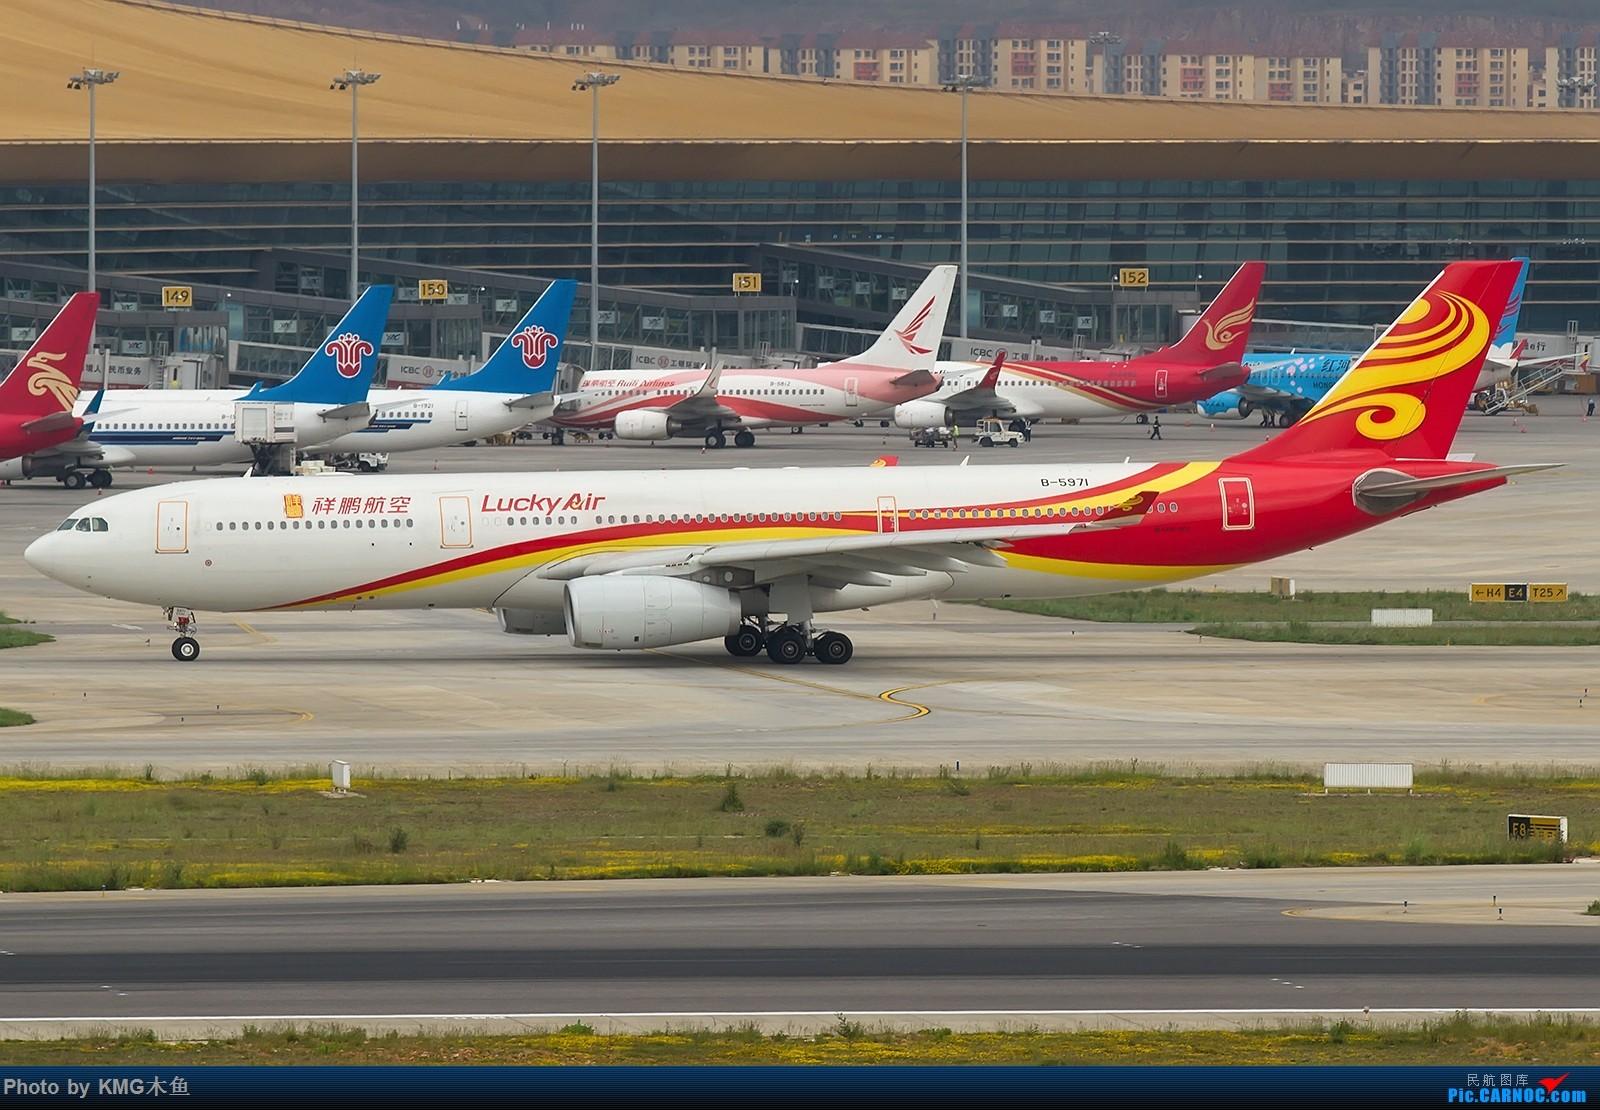 Re:[原创]【昆明长水国际机场——KMG木鱼拍机】发一波库存图 AIRBUS A330-300 B-5971 中国昆明长水国际机场